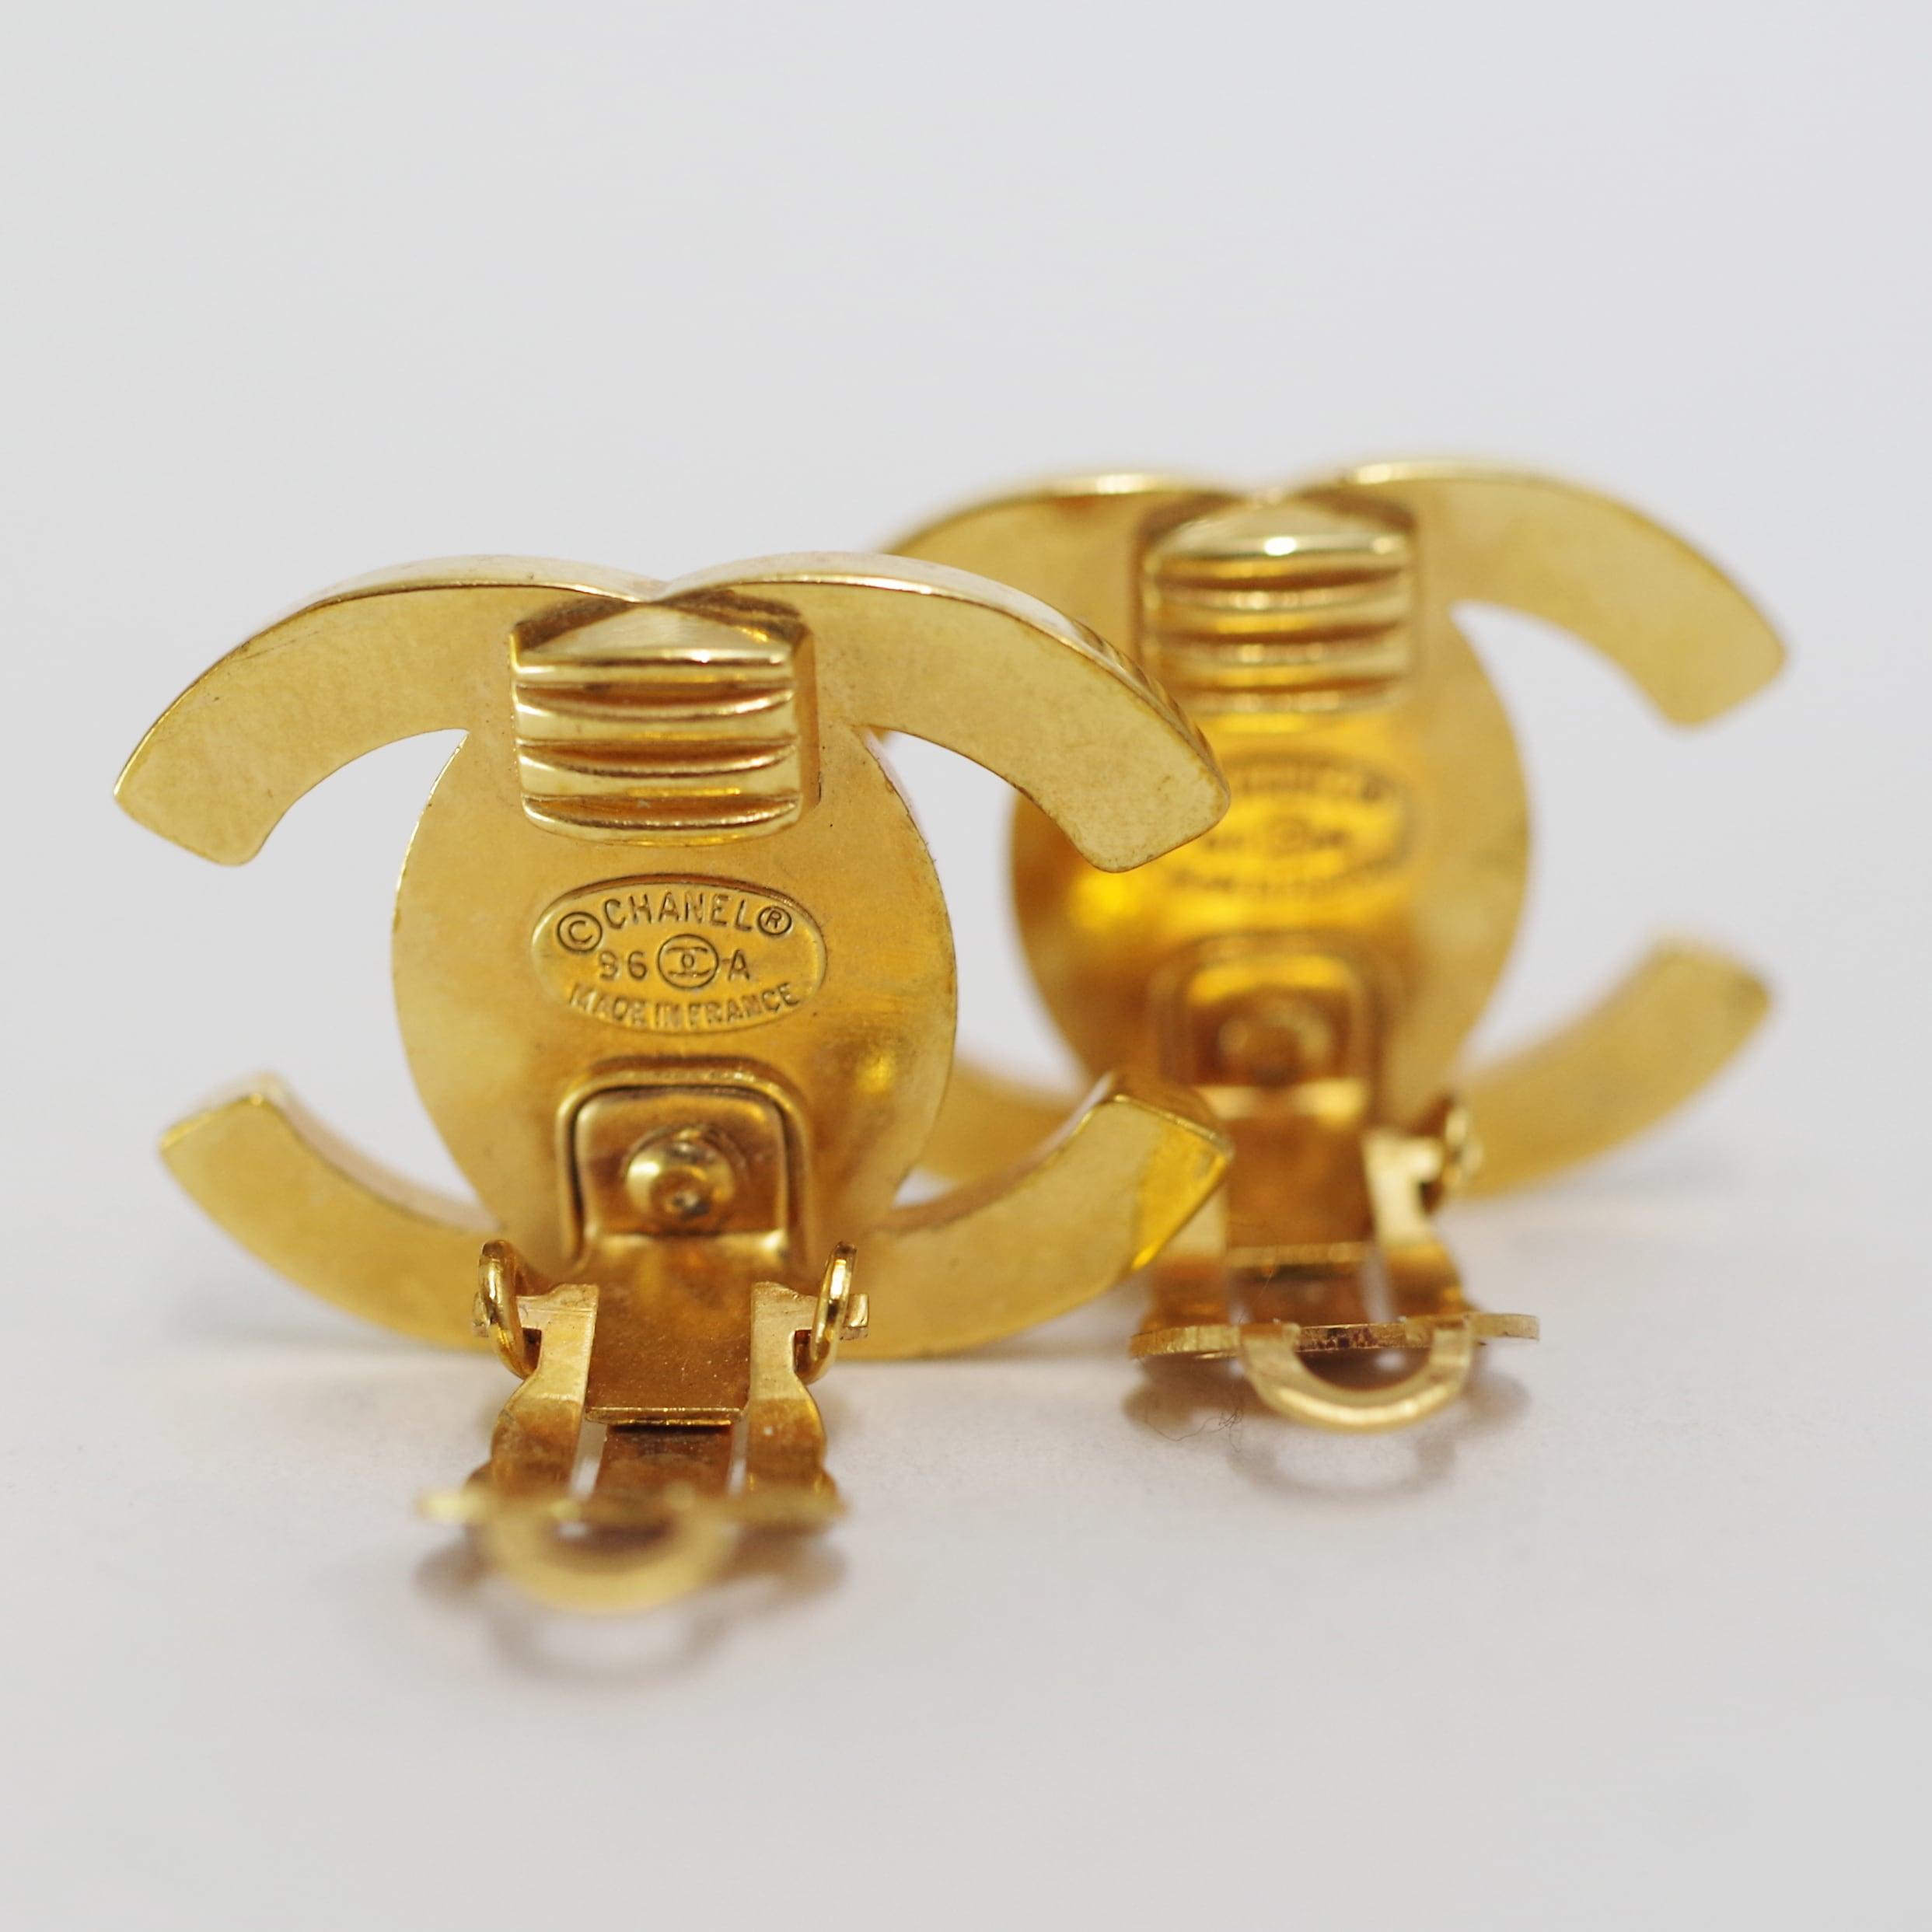 CHANEL シャネル ココマークイヤリング ゴールド アクセサリー